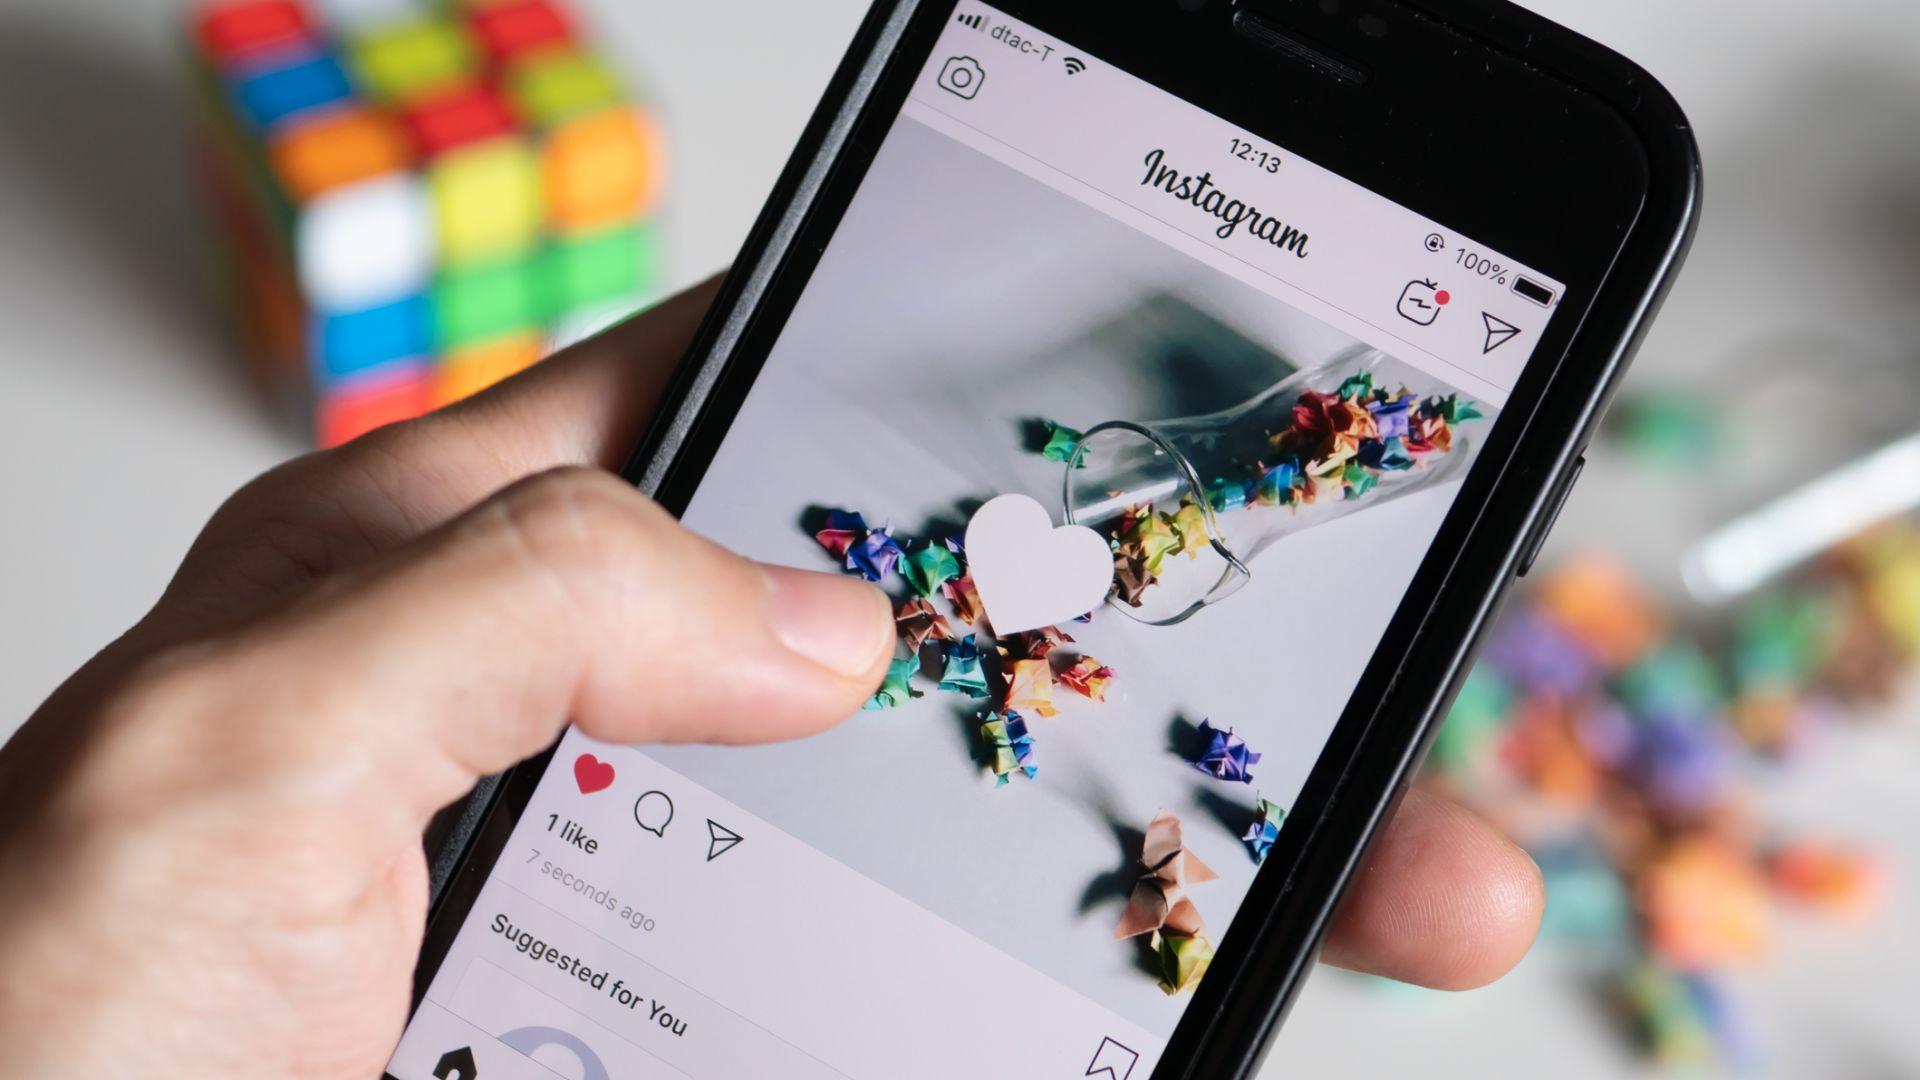 Проучване: Instagram ще надделее над Twitter като източник на новини